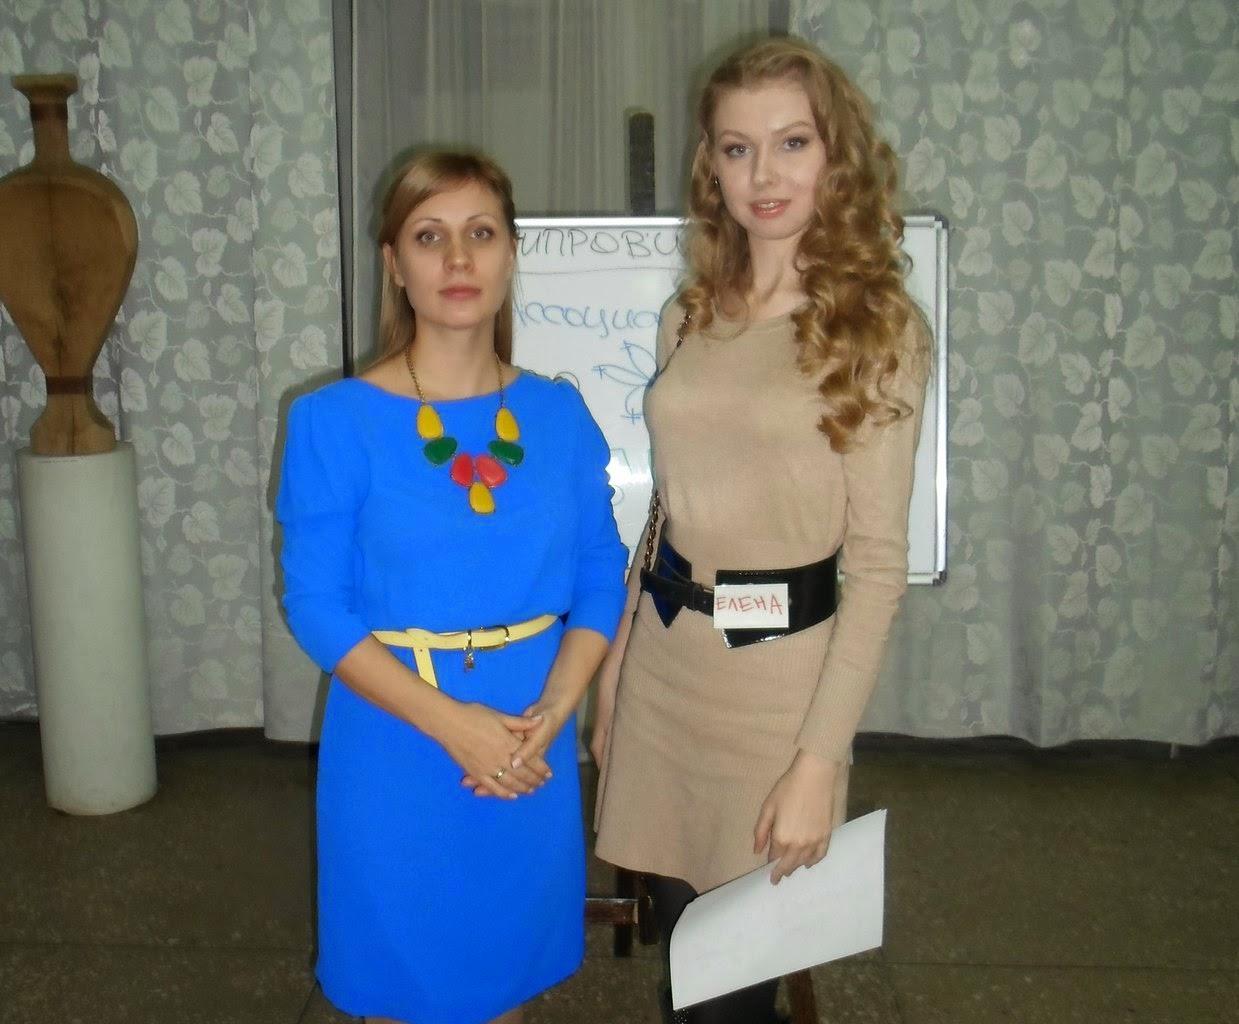 Практические уроки секса для неумелых в москве 14 фотография